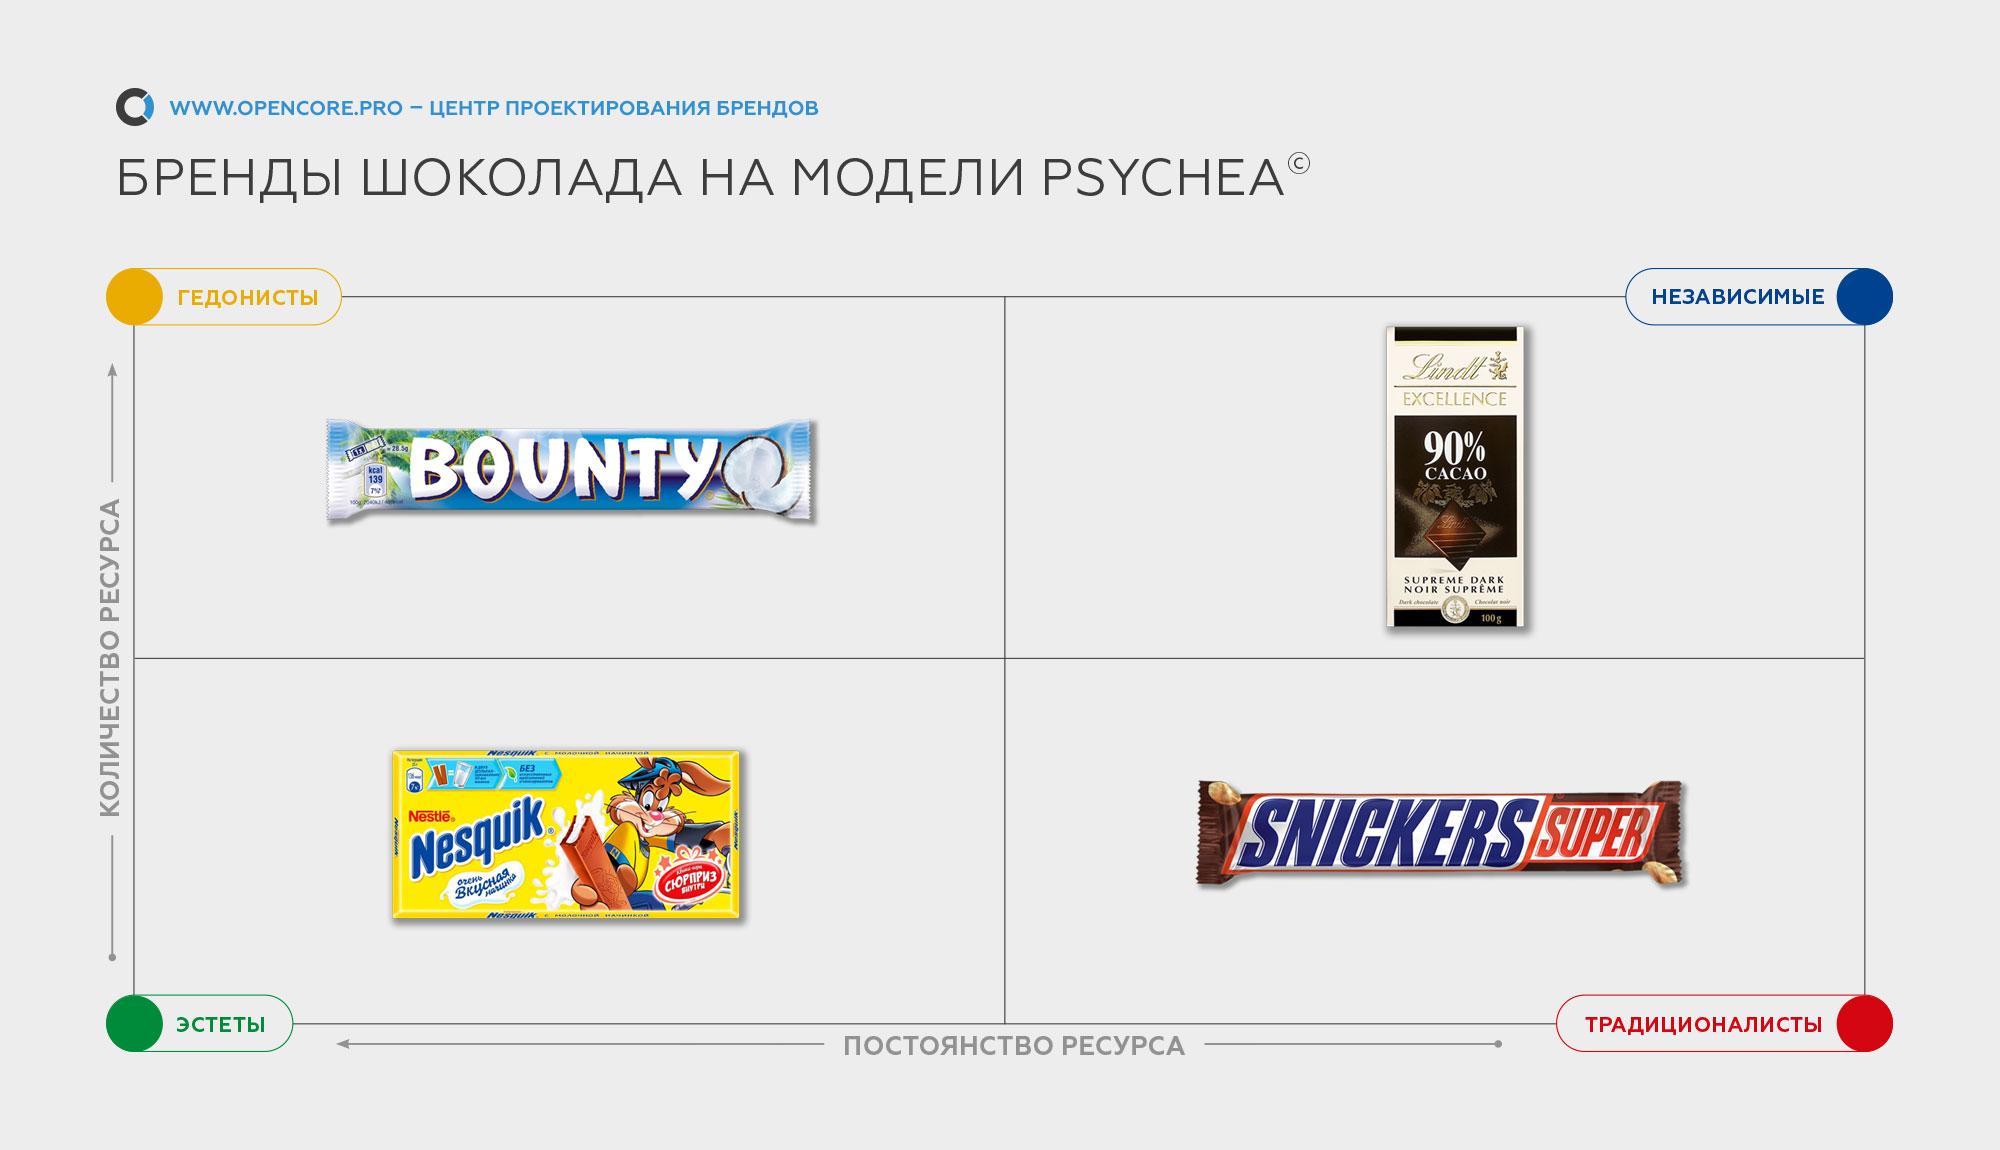 бренды шоколада по модели PSYCHEA